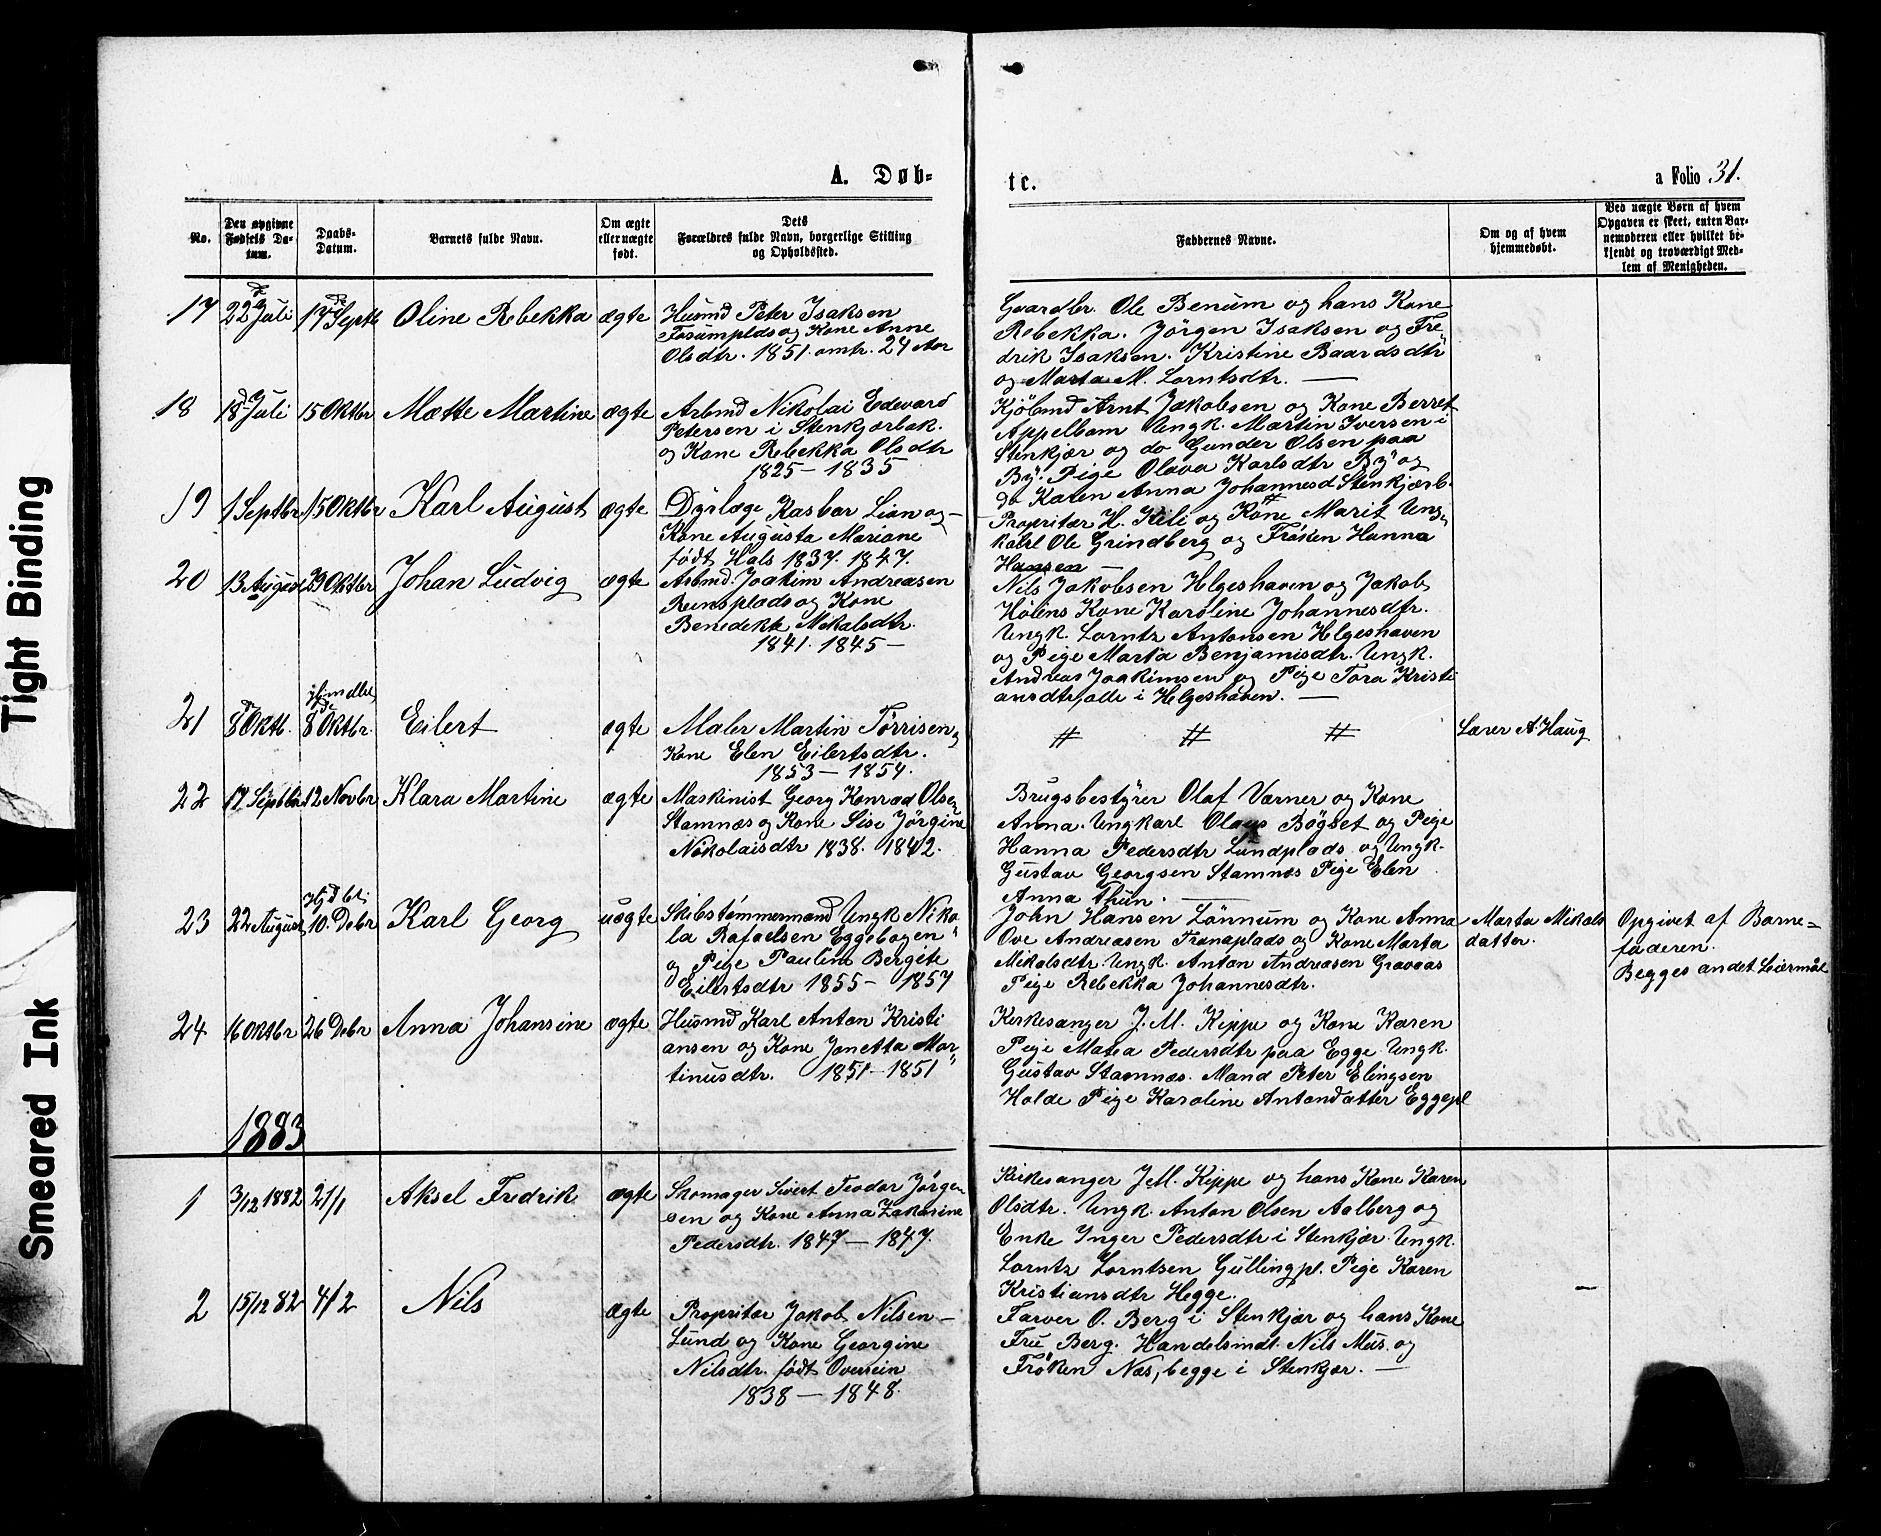 SAT, Ministerialprotokoller, klokkerbøker og fødselsregistre - Nord-Trøndelag, 740/L0380: Klokkerbok nr. 740C01, 1868-1902, s. 31